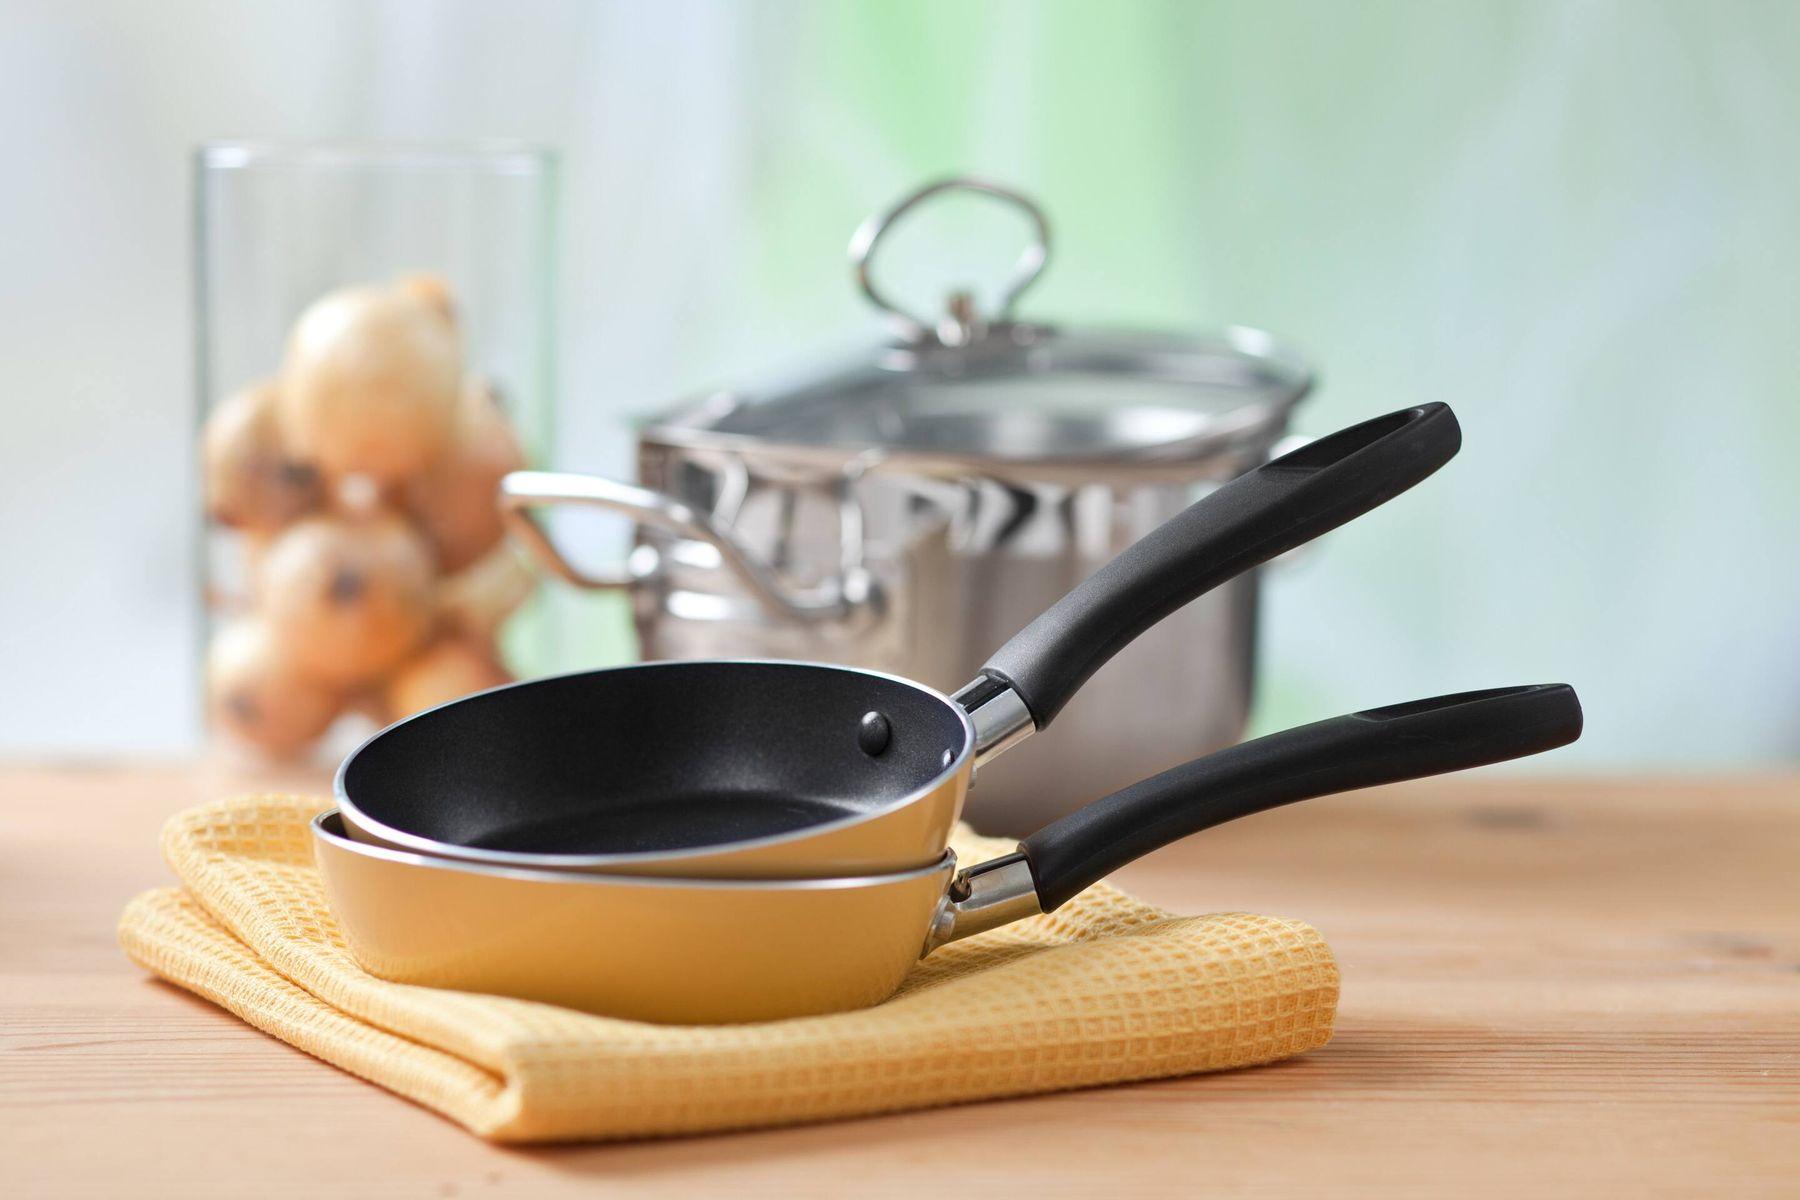 Sống xanh với 4 mẹo biến căn bếp của bạn thân thiện với môi trường